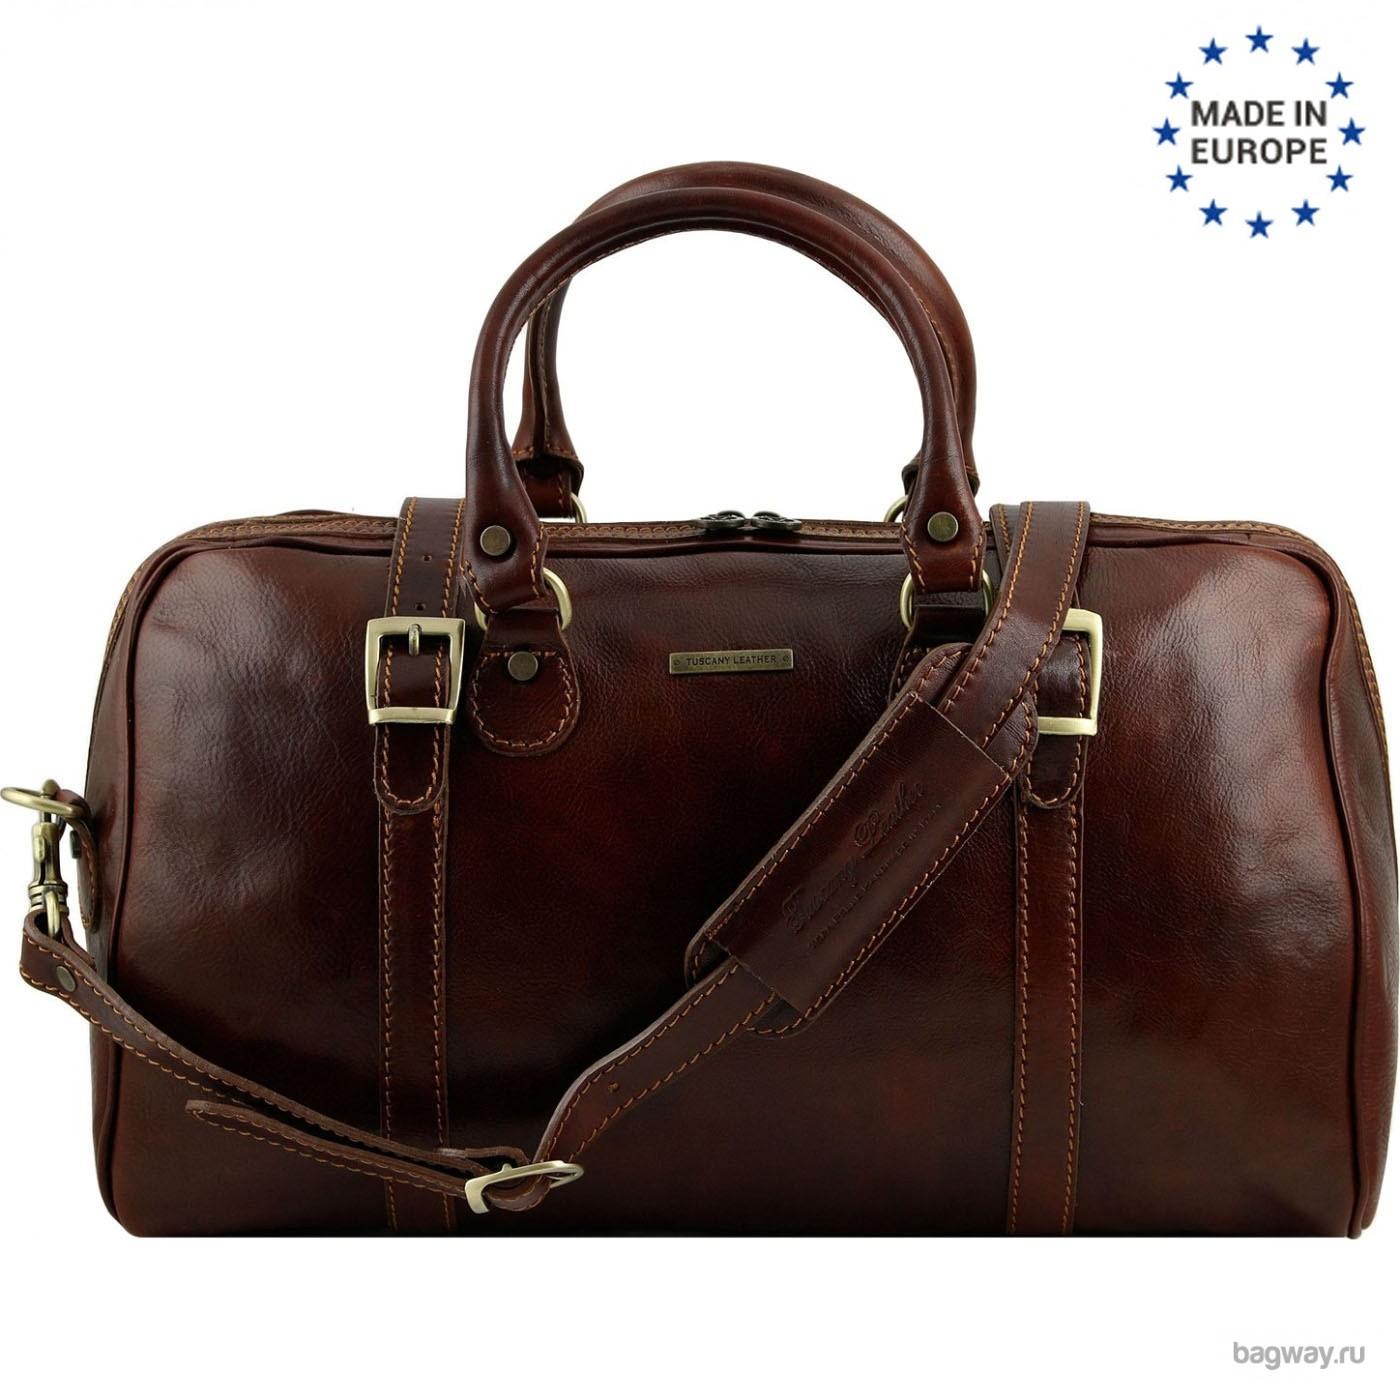 37925243eb0c Кожаная дорожная сумка Travel от Tuscany Leather | Дорожные сумки